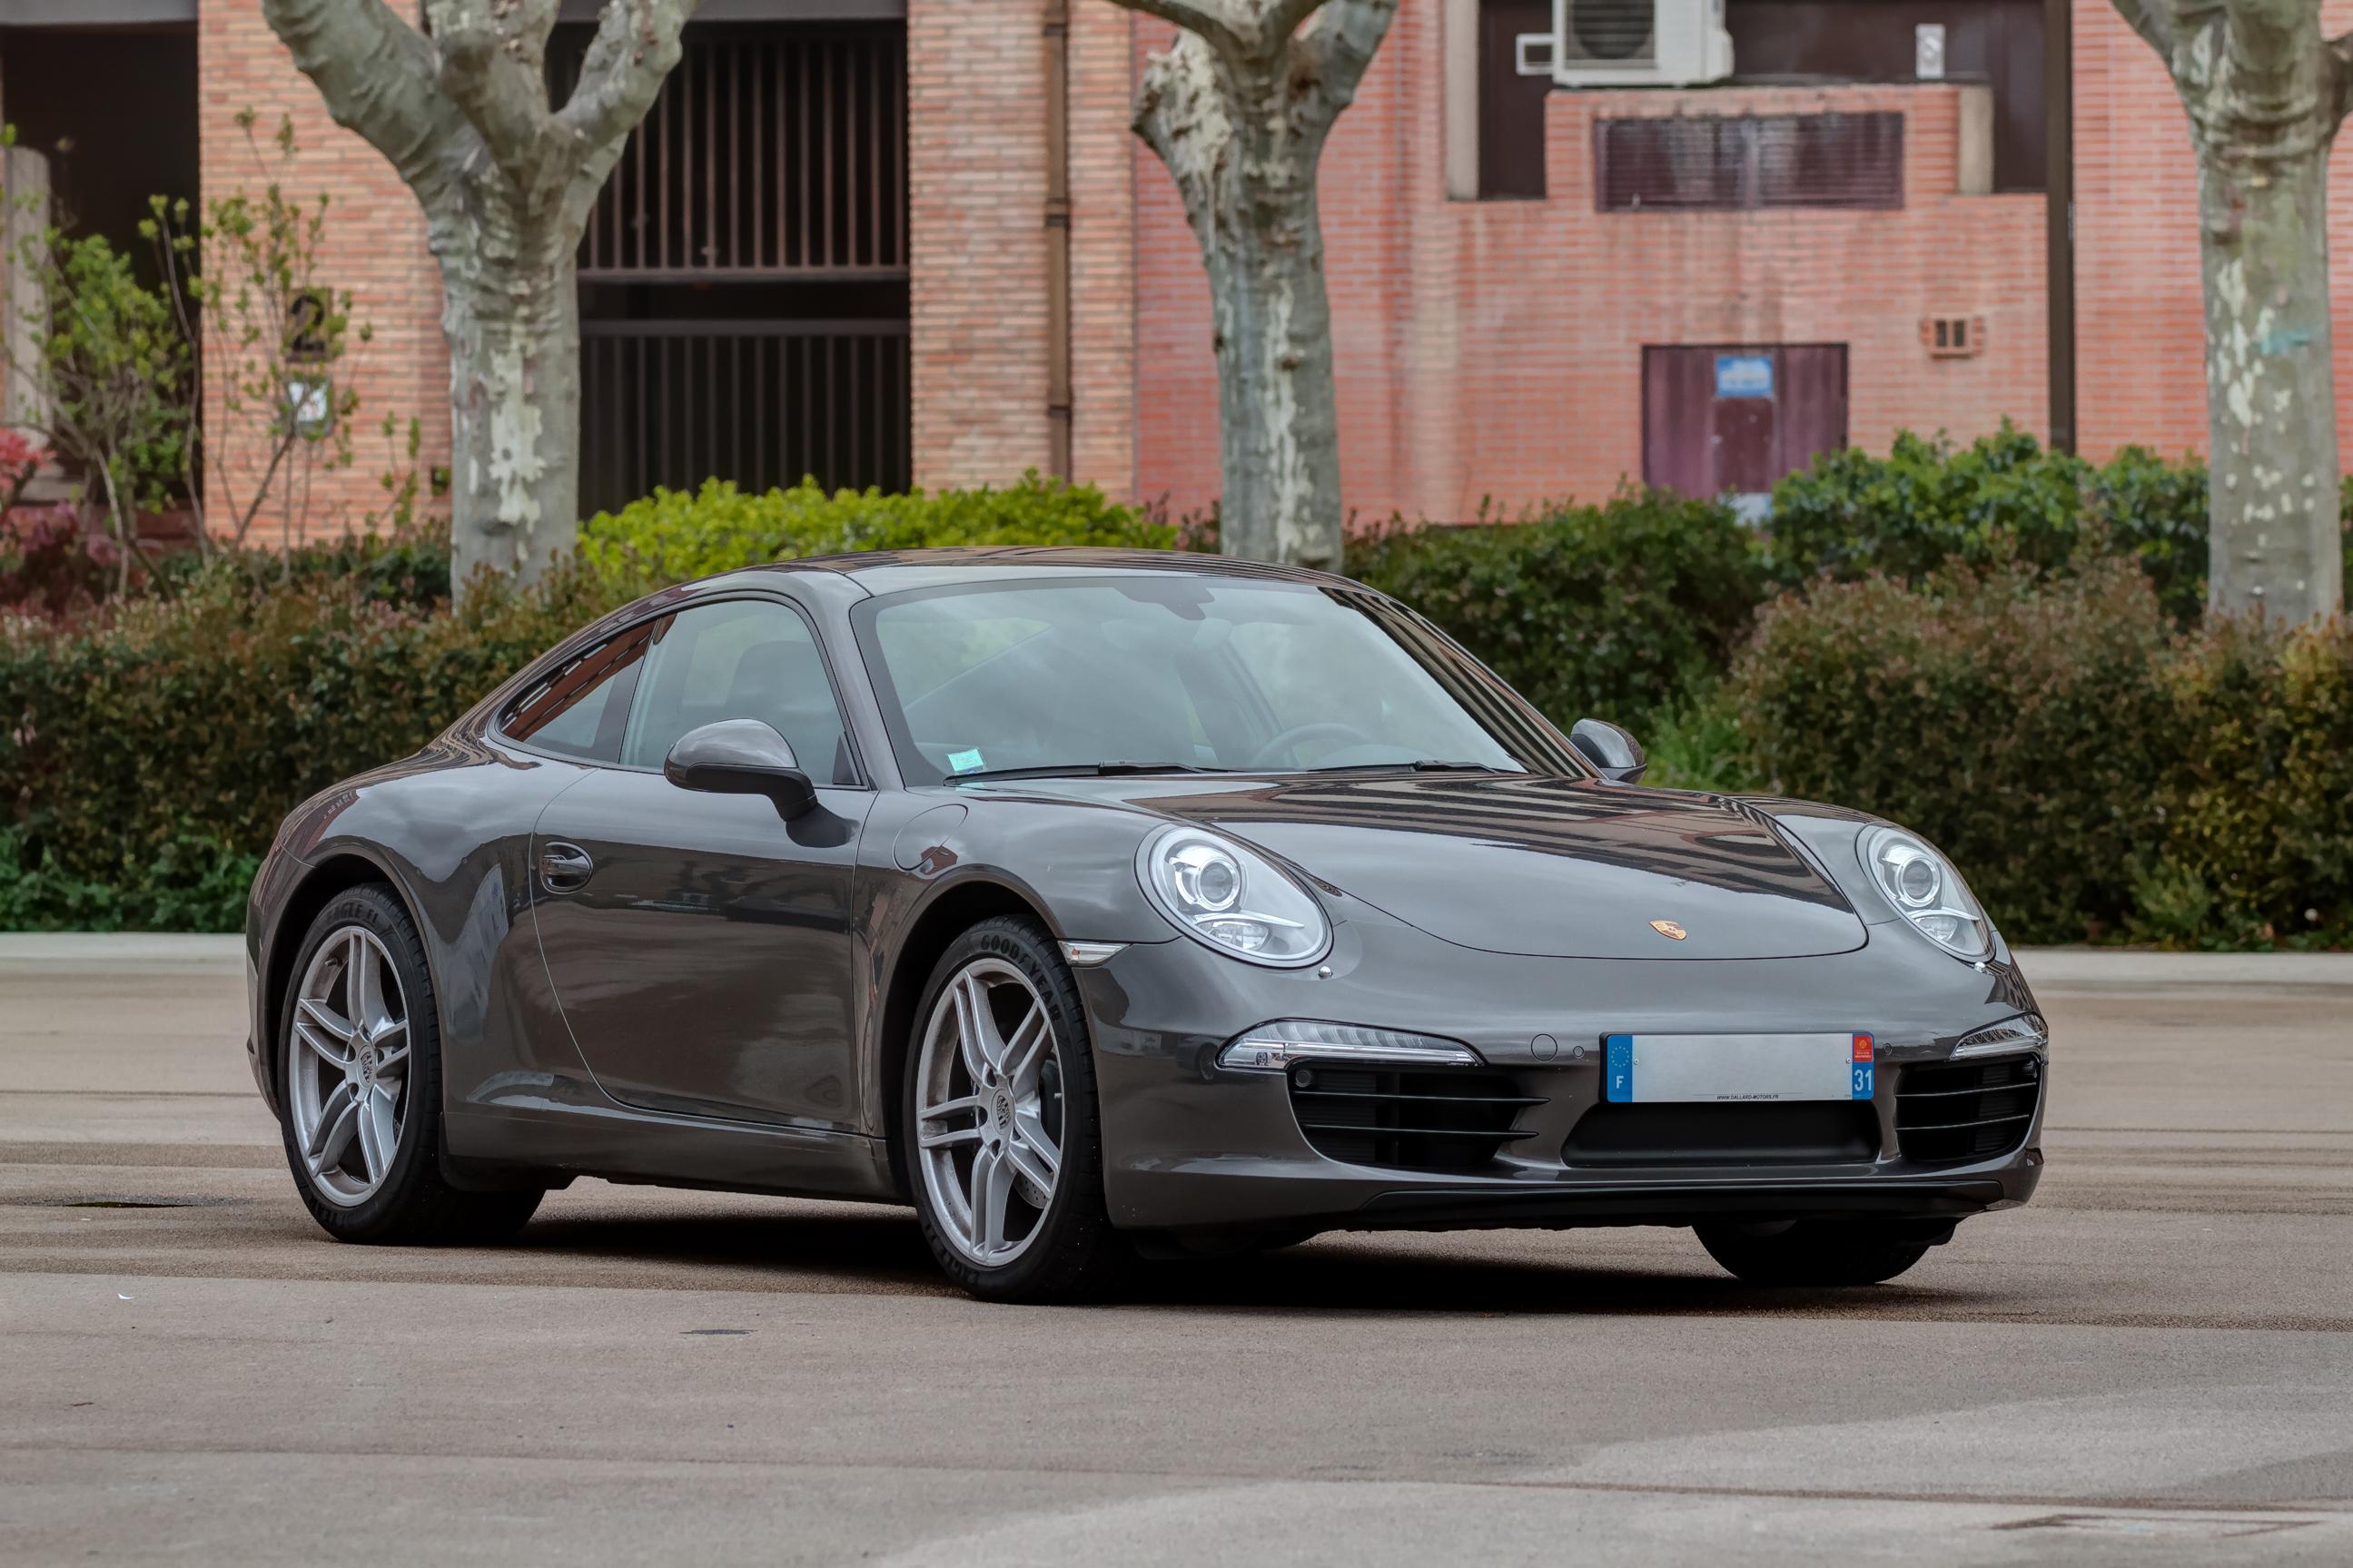 Toulousaine_de_l%27automobile_-_7425_-_Porsche_911_Carrera_%282011%29 Cozy Prix D'une Porsche 911 Gt1 Cars Trend